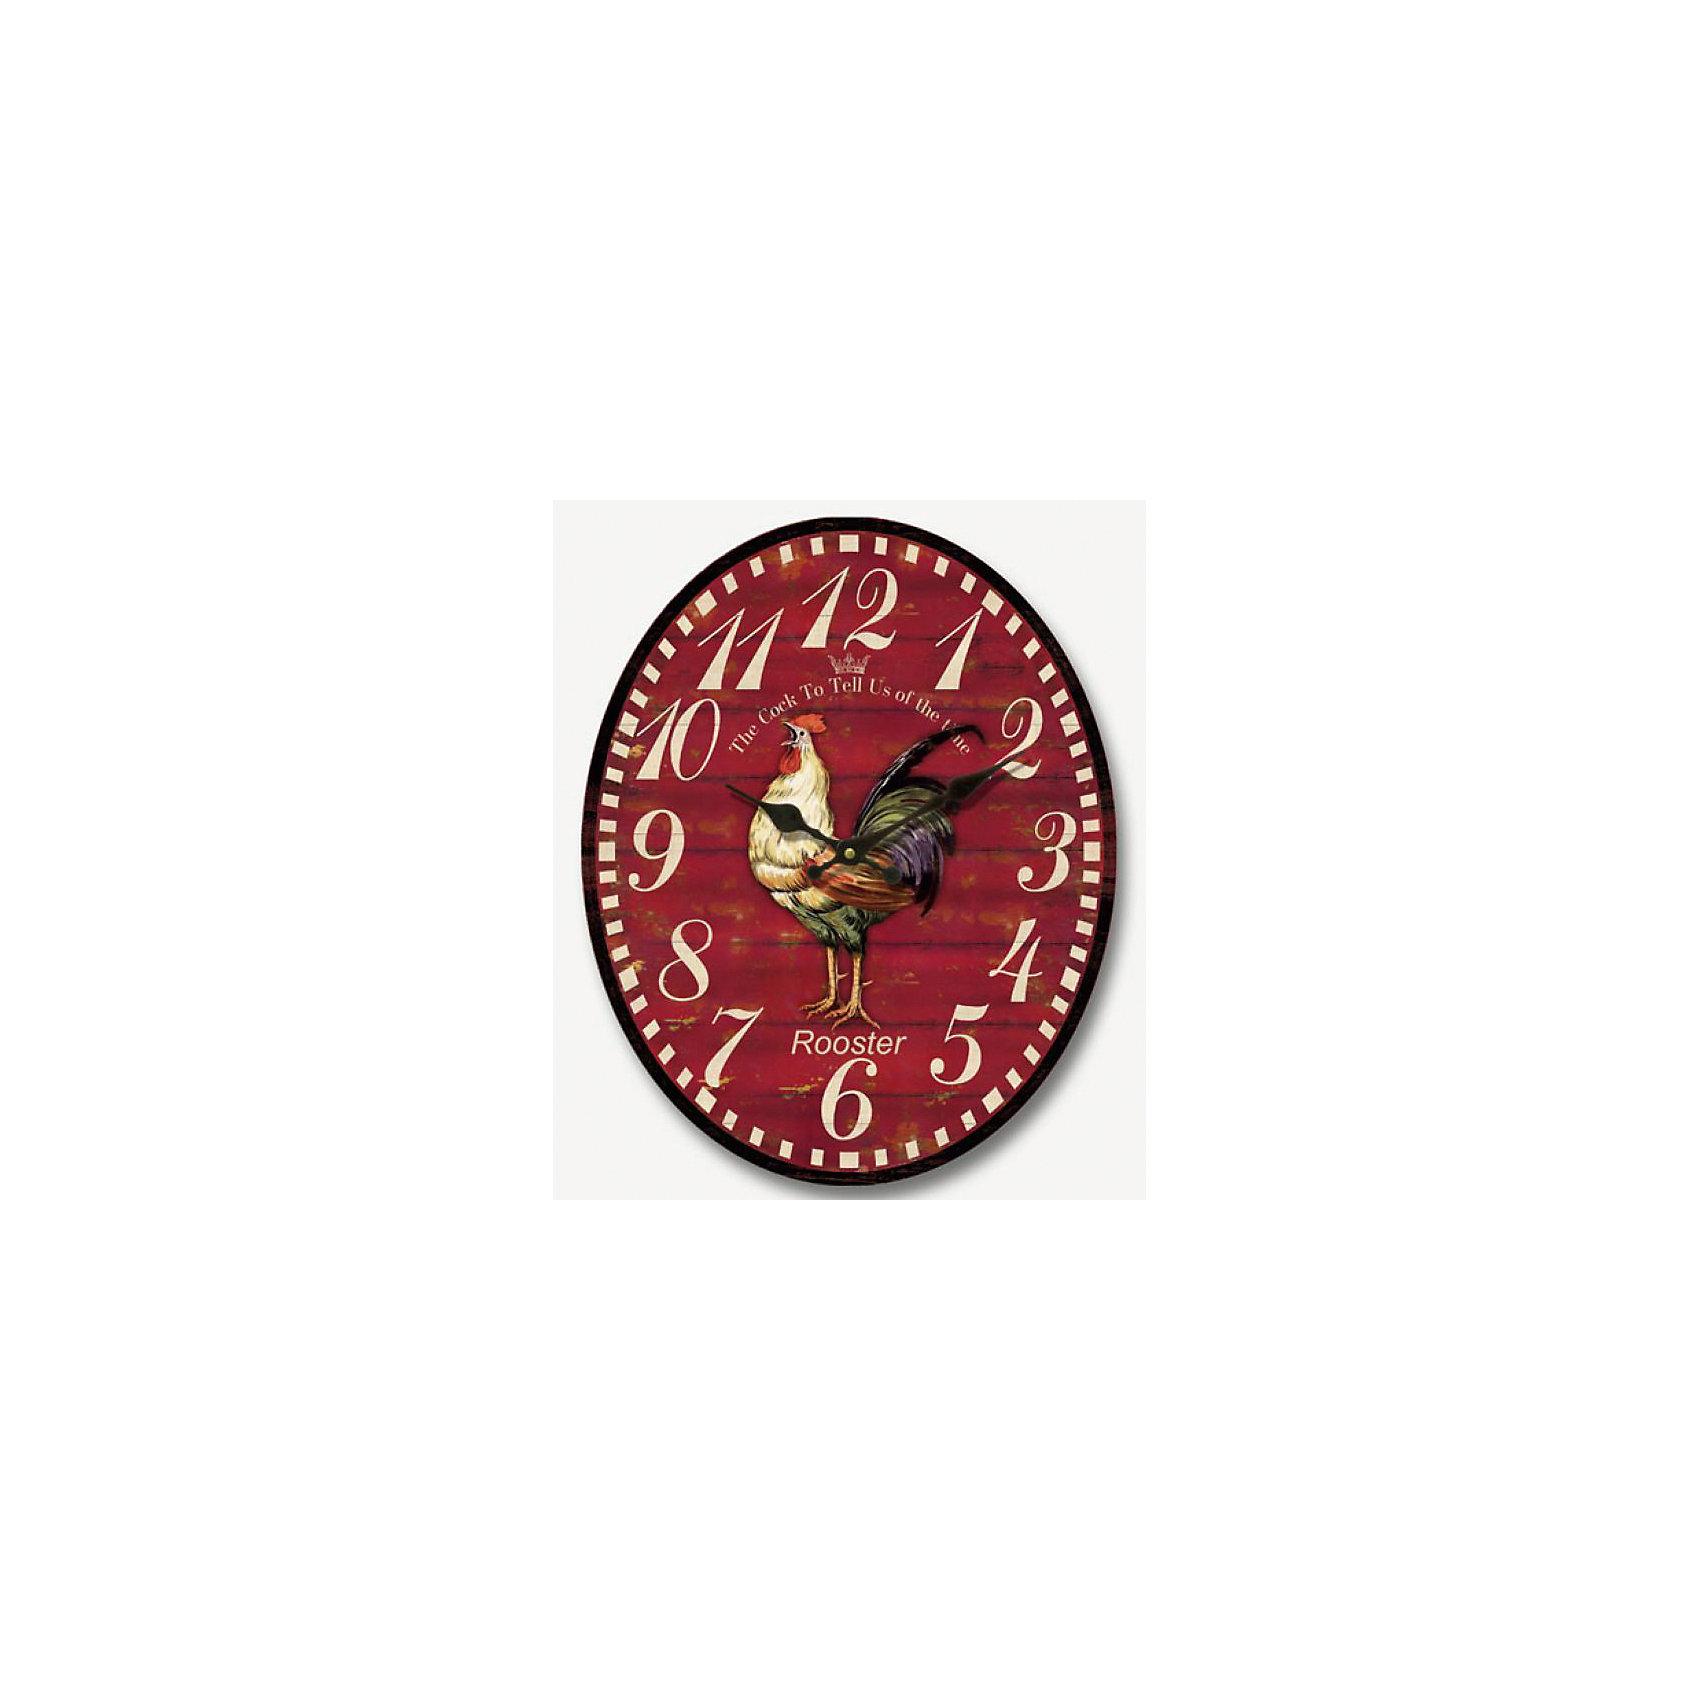 Часы настенные Петух кварцевые, с циферблатом, Феникс-ПрезентПредметы интерьера<br>Часы настенные Петух кварцевые, с циферблатом, Феникс-Презент<br><br>Характеристики:<br><br>• овальная форма<br>• яркий рисунок<br>• тип часов: кварцевые<br>• размер: 32х40 см<br>• материал: МДФ<br>• батарейки: АА - 1 шт. (не входит в комплект)<br><br>Настенные часы Петух добавят индивидуальности в интерьер вашей комнаты и, конечно же, подскажут точное время. Часы изготовлены из экологически чистых материалов. На циферблате расположены две стрелки - минутная и часовая. Часы оформлены ярким рисунком с изображением петуха.<br><br>Часы настенные Петух кварцевые, с циферблатом, Феникс-Презент вы можете купить в нашем интернет-магазине.<br><br>Ширина мм: 290<br>Глубина мм: 410<br>Высота мм: 320<br>Вес г: 1000<br>Возраст от месяцев: 120<br>Возраст до месяцев: 2147483647<br>Пол: Унисекс<br>Возраст: Детский<br>SKU: 5449700